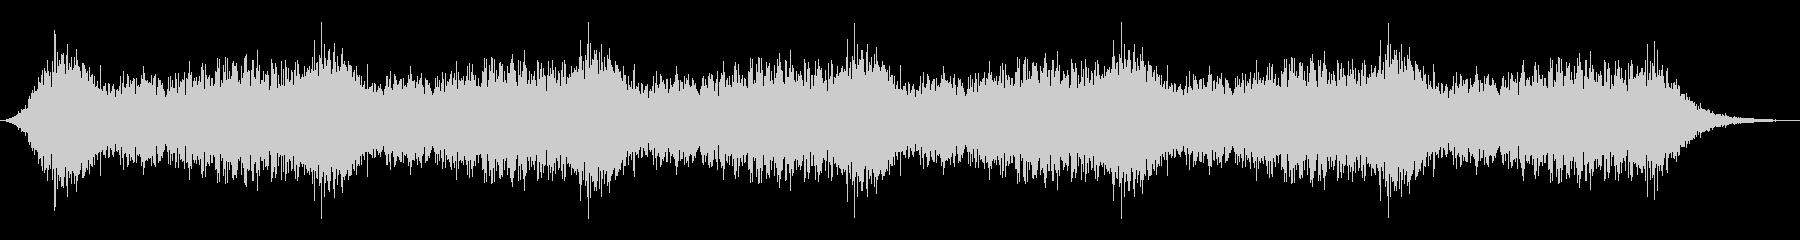 【ホラー系】ホラーゲームに使えるような曲の未再生の波形